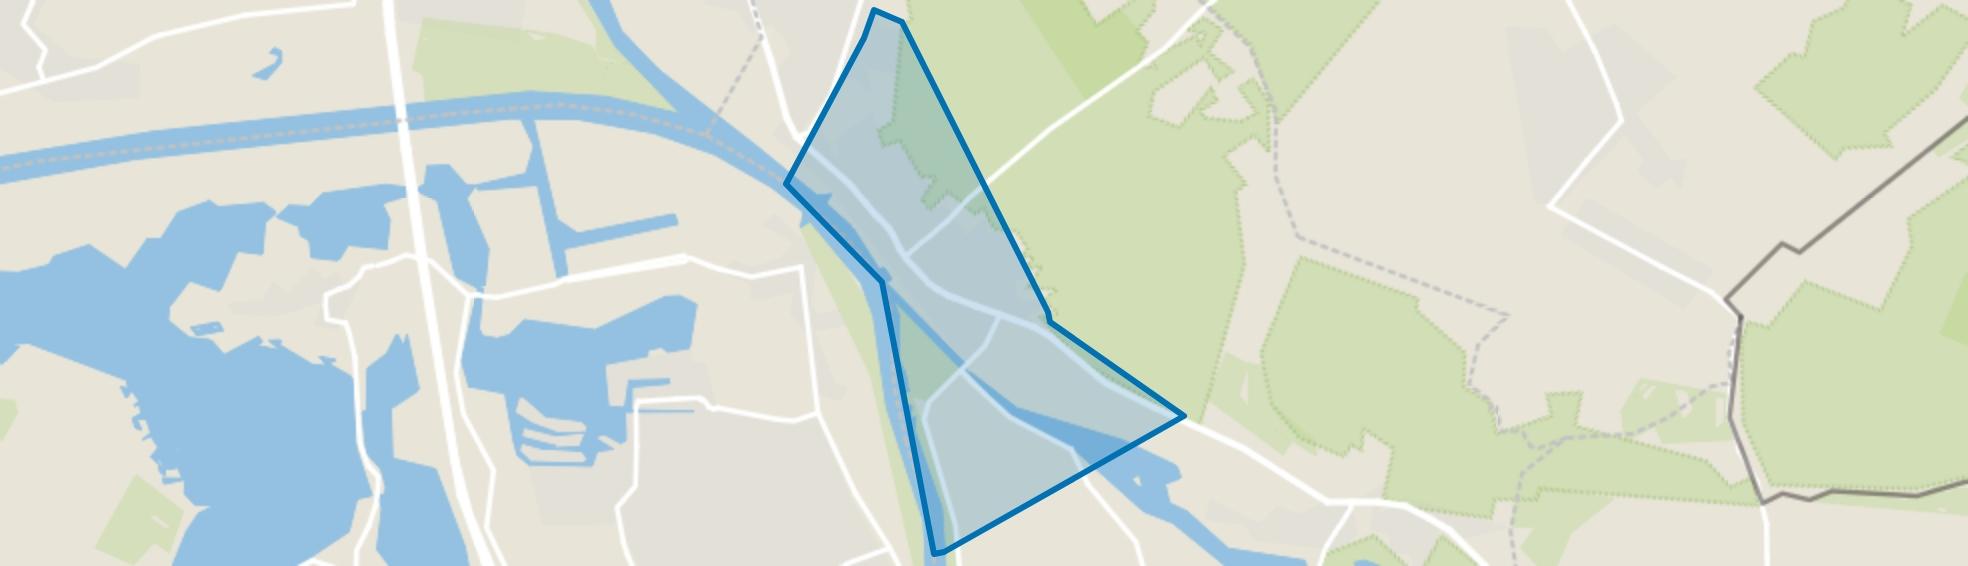 Mook, Mook map